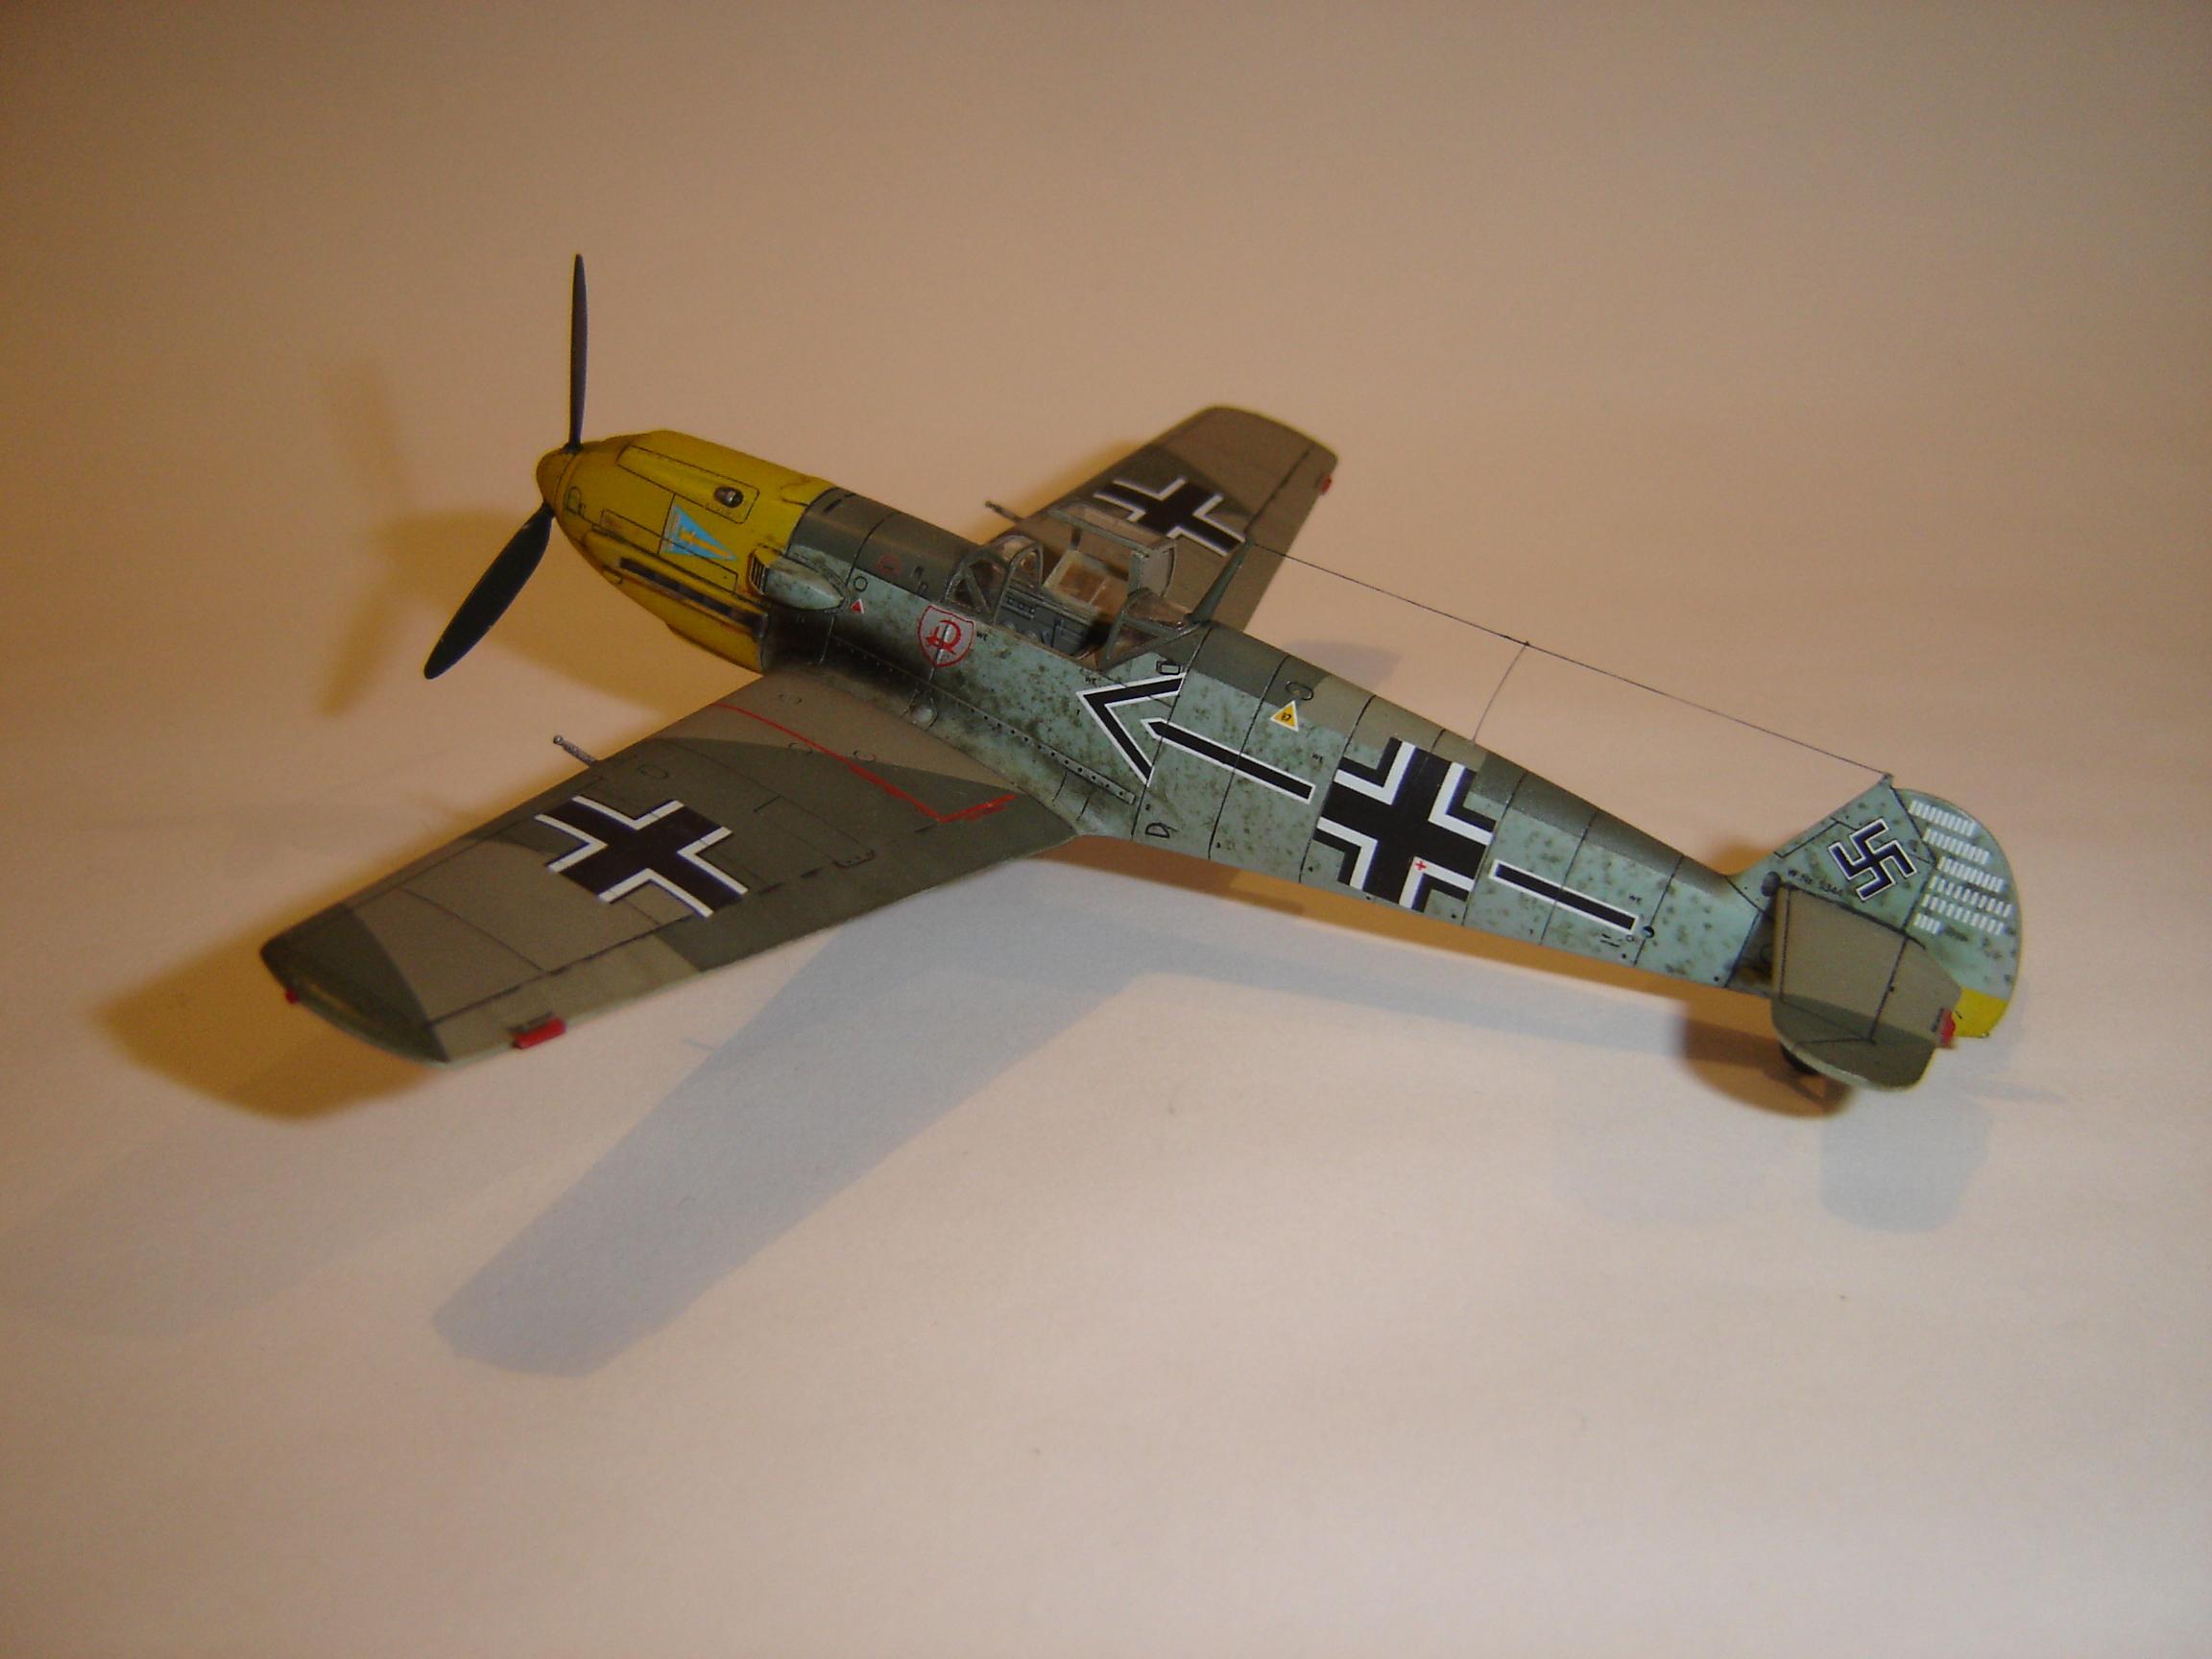 Meshersmitt BF 109 E-4 (2)